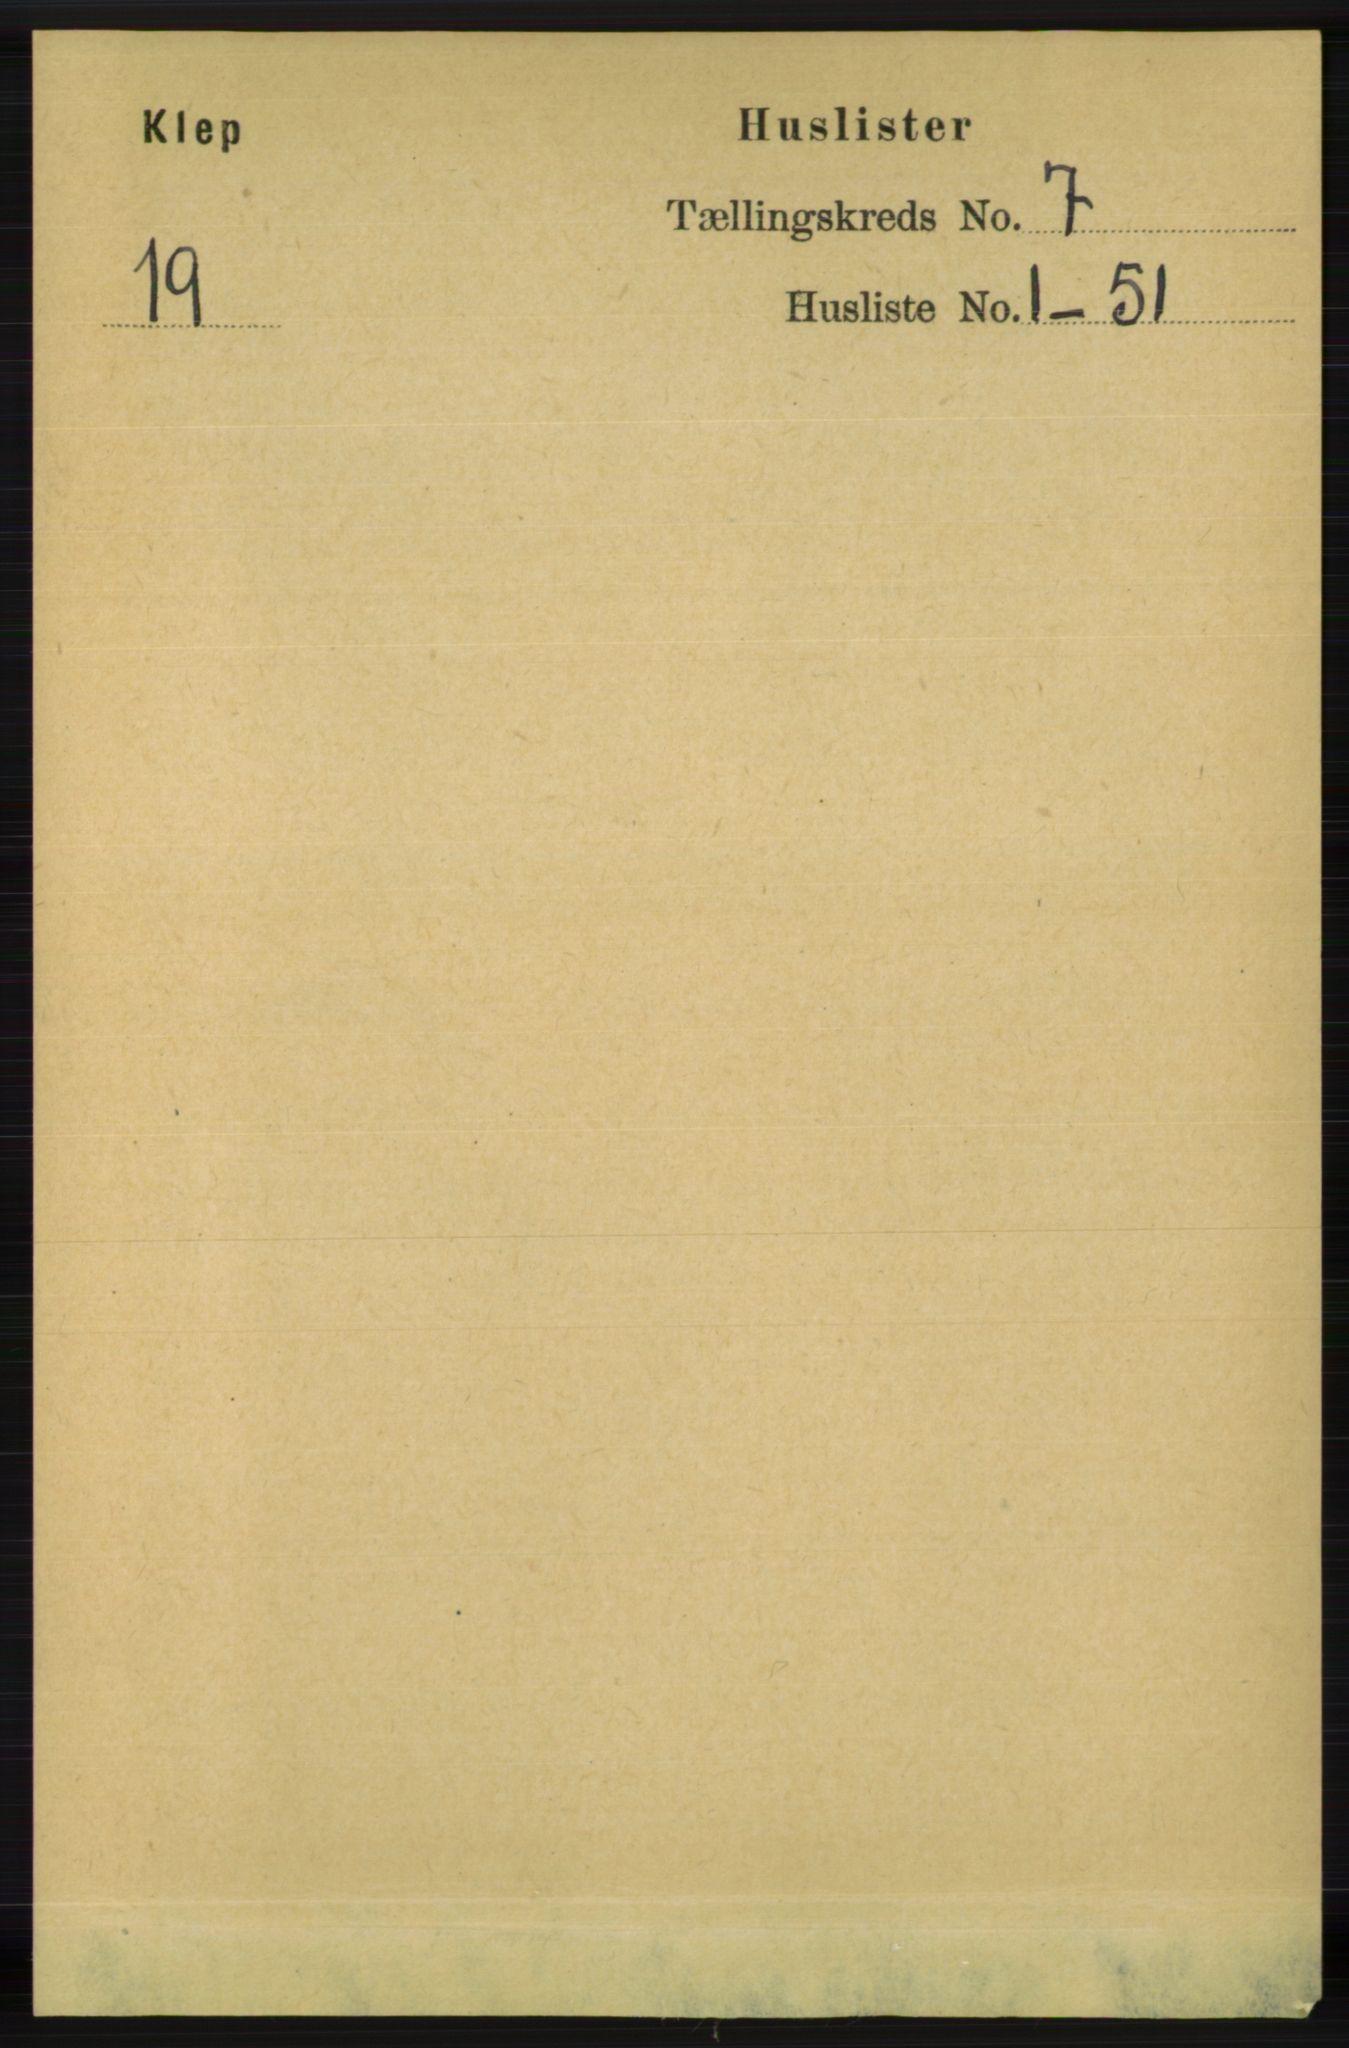 RA, Folketelling 1891 for 1120 Klepp herred, 1891, s. 2055